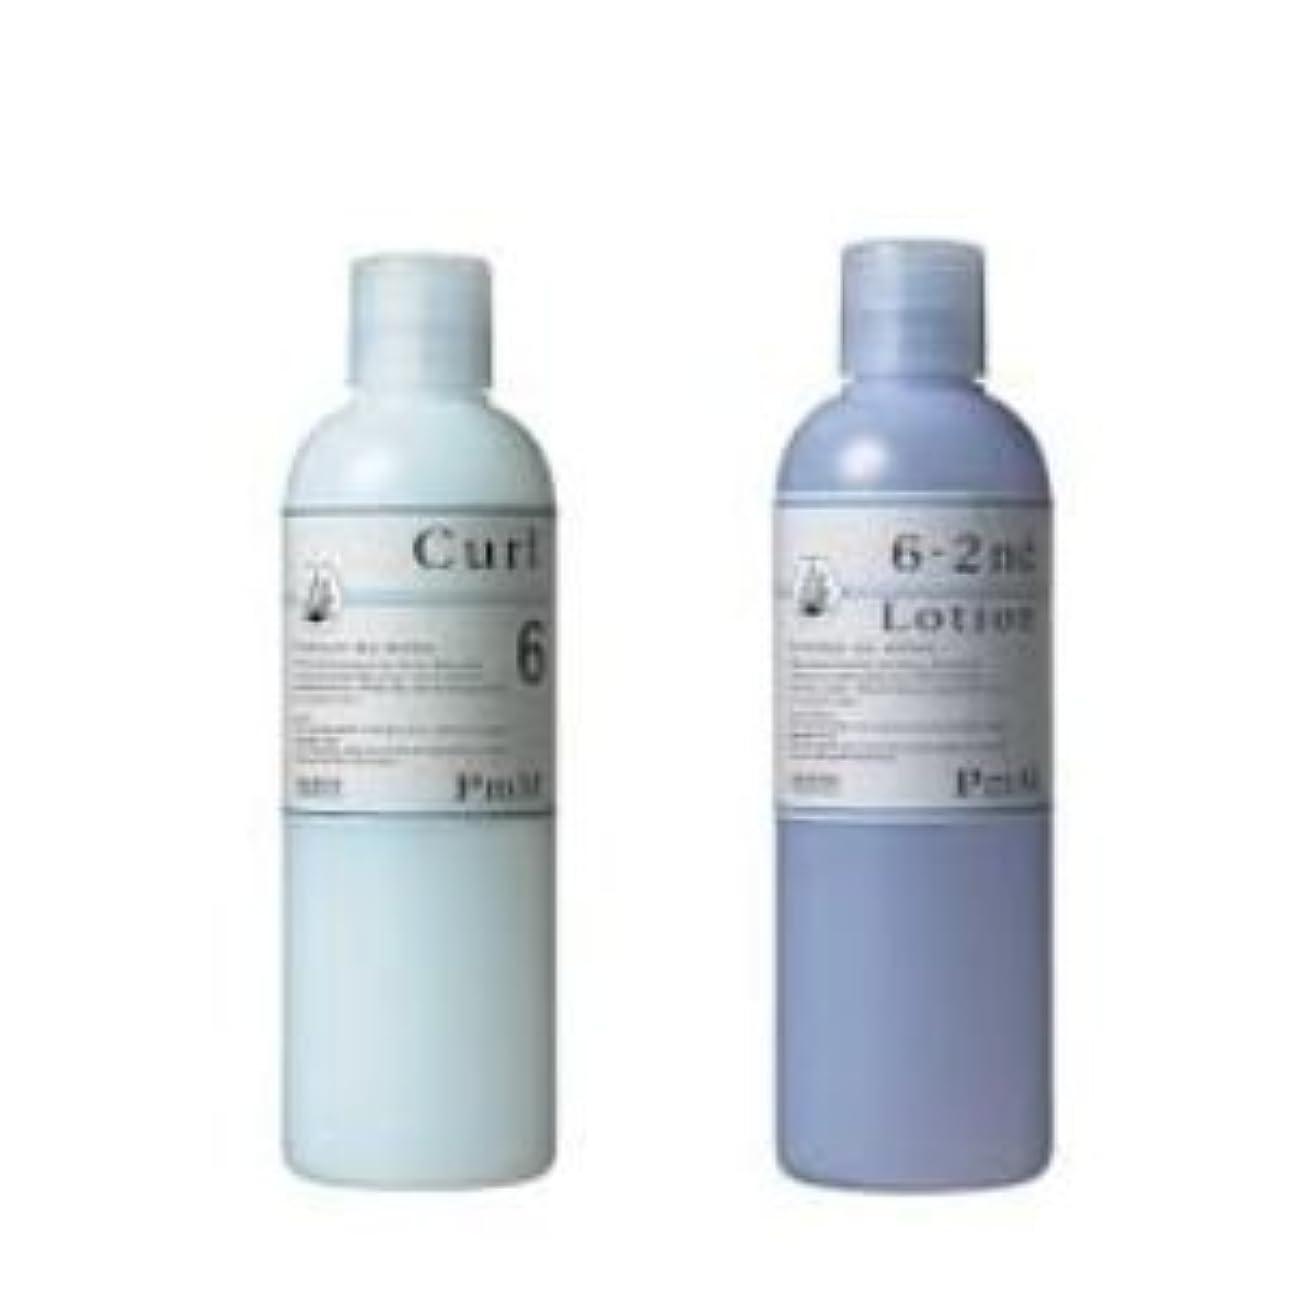 指令従来のみぞれメロスコスメティックス PmM カール6[システアミン]1剤2剤セット/各400ml